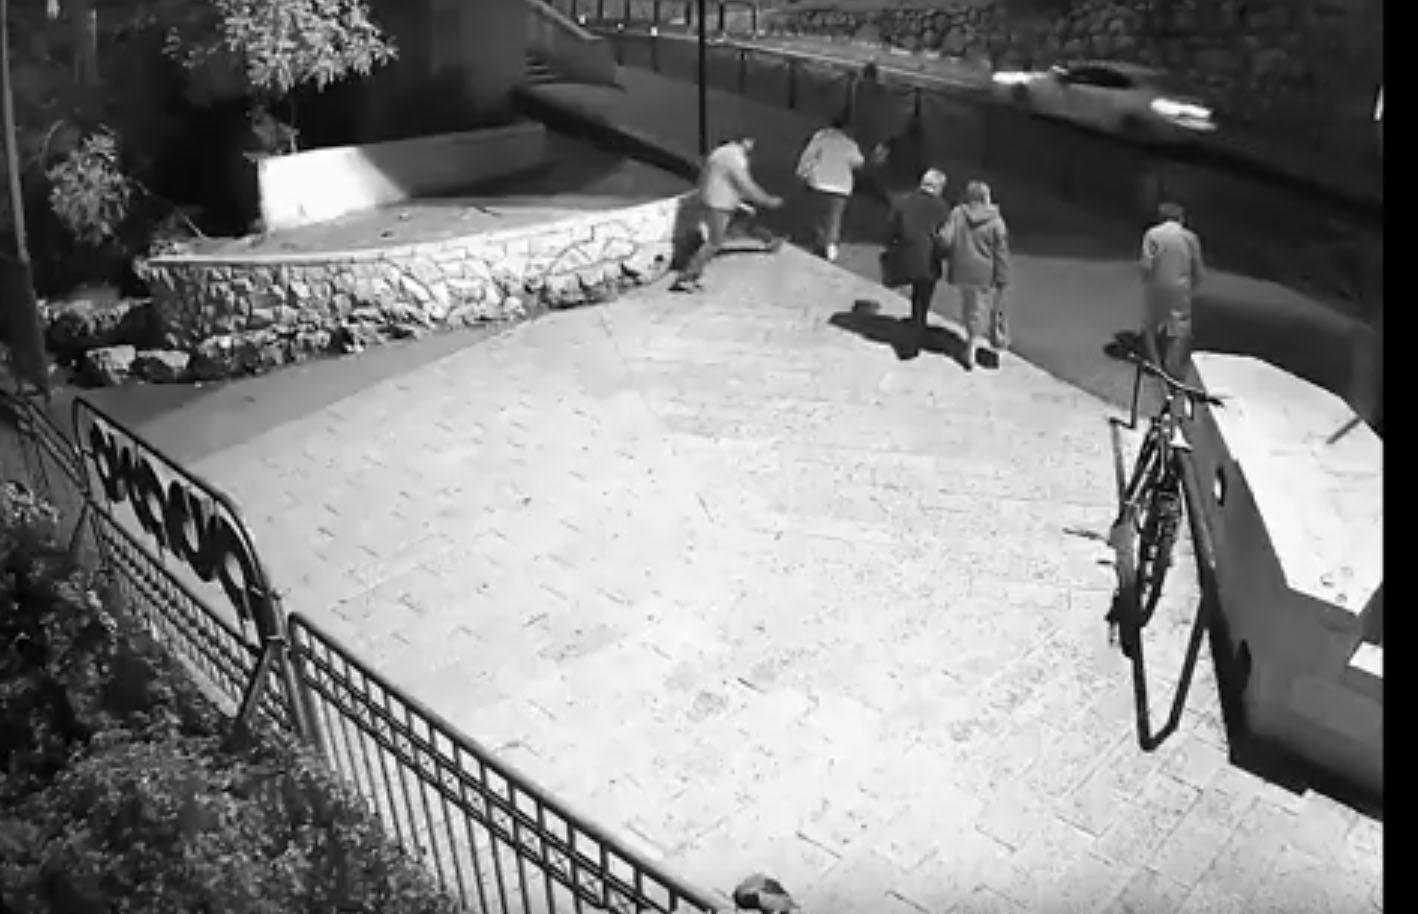 שוד סמוך לסינמטק, מתוך סרטון האבטחה (צילום: באדיבות דוברות המשטרה)